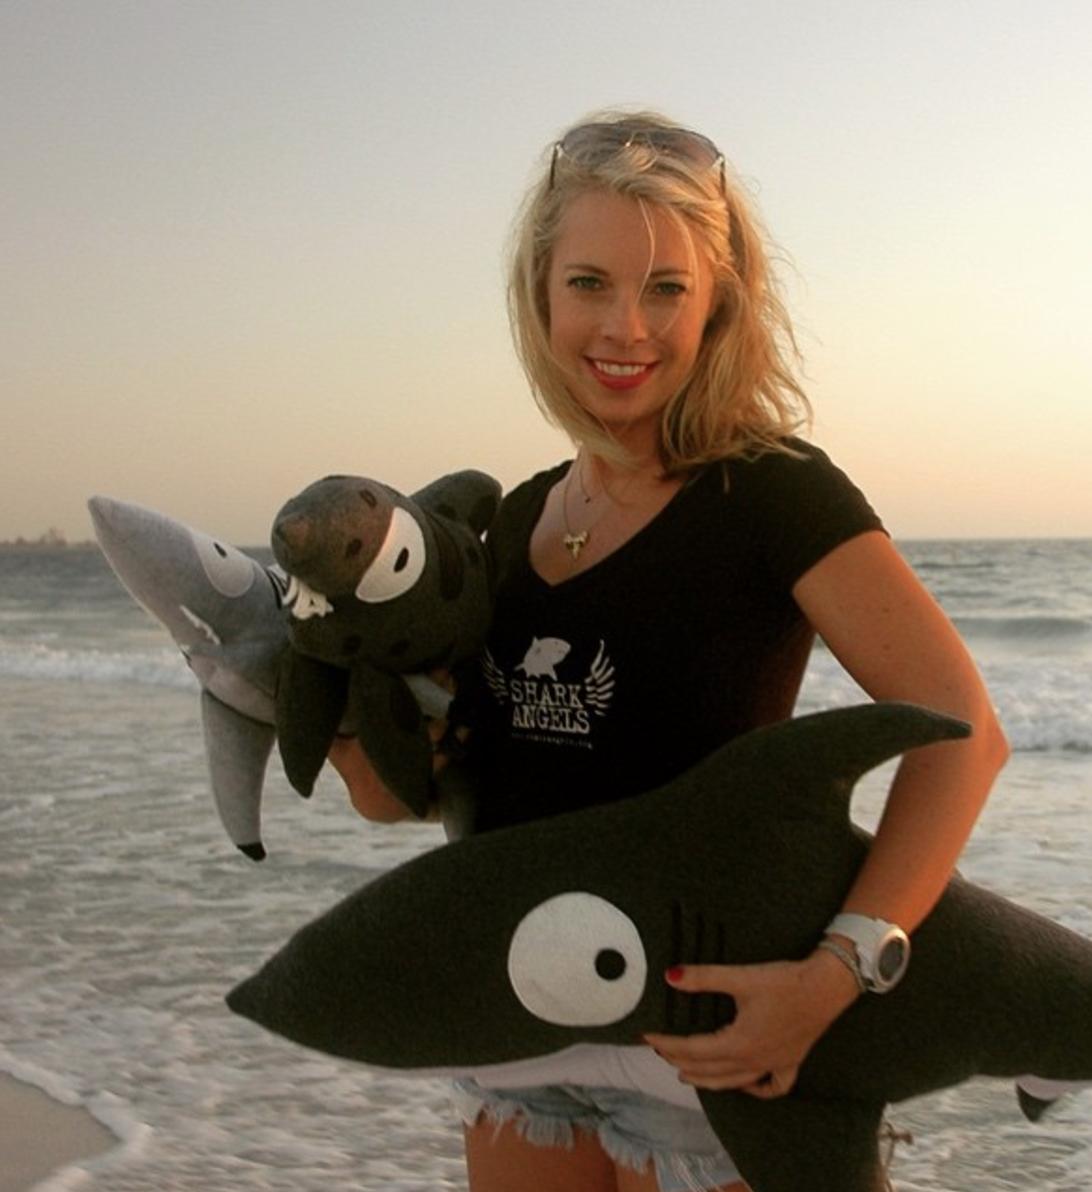 Julie Shark Angel